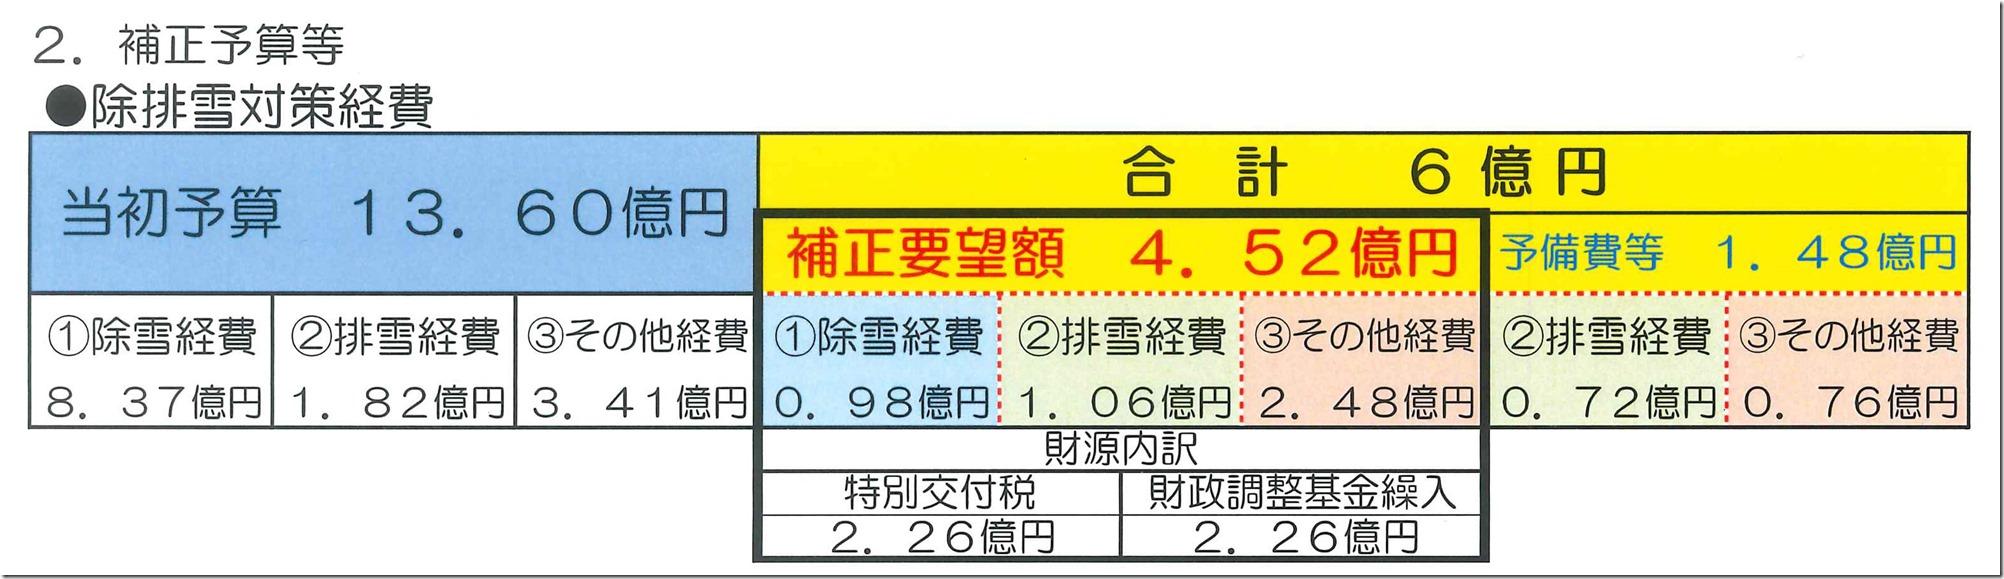 2補正予算等(除排雪対策経費)